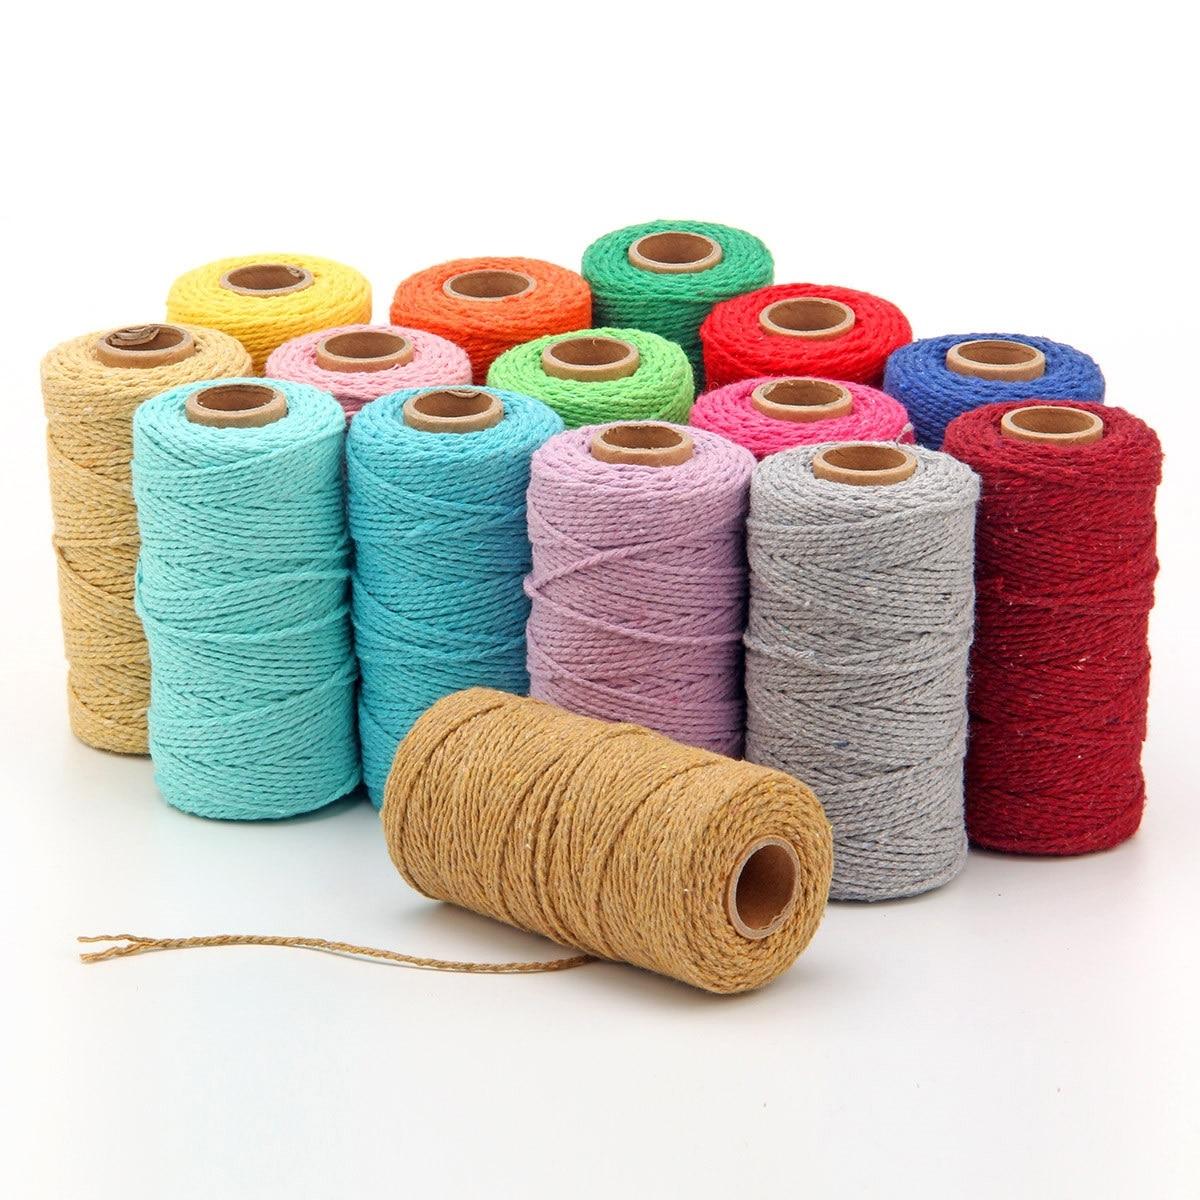 Веревка витая, веревка из 100% хлопка, цветная веревка для макраме, веревка для вечеринки, шнур для рукоделия